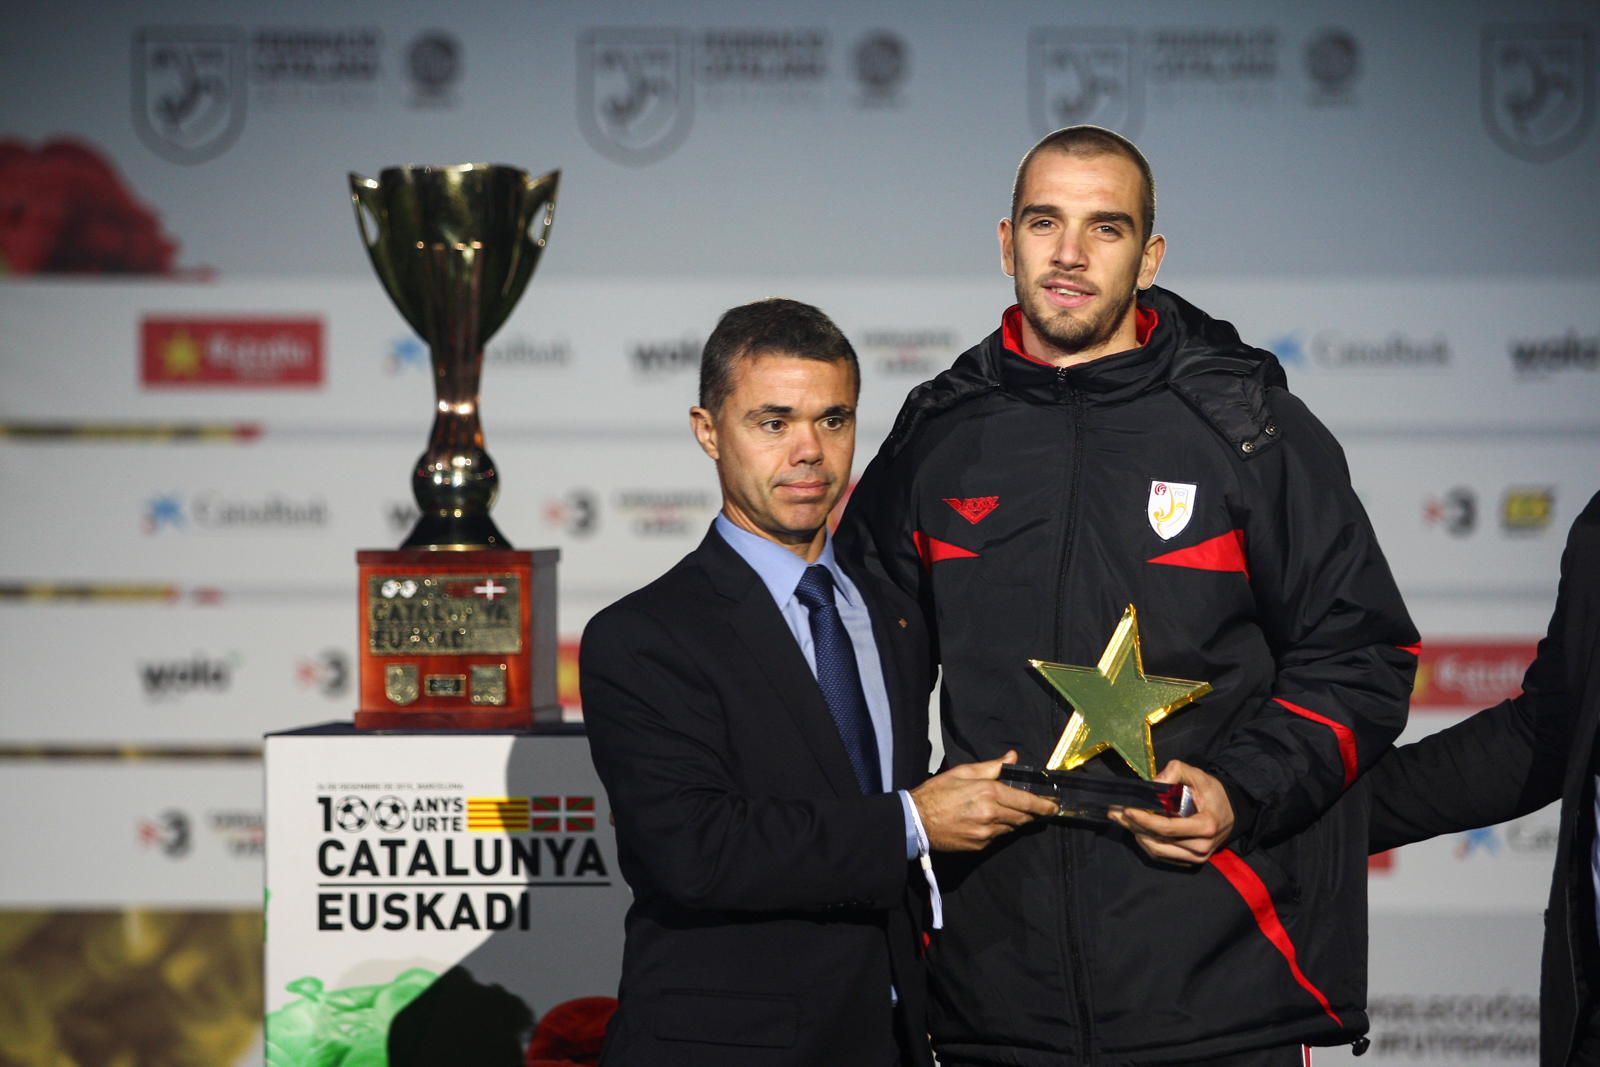 Entrega del Premio del mejor jugador del partido al portero vasco, Pau López.